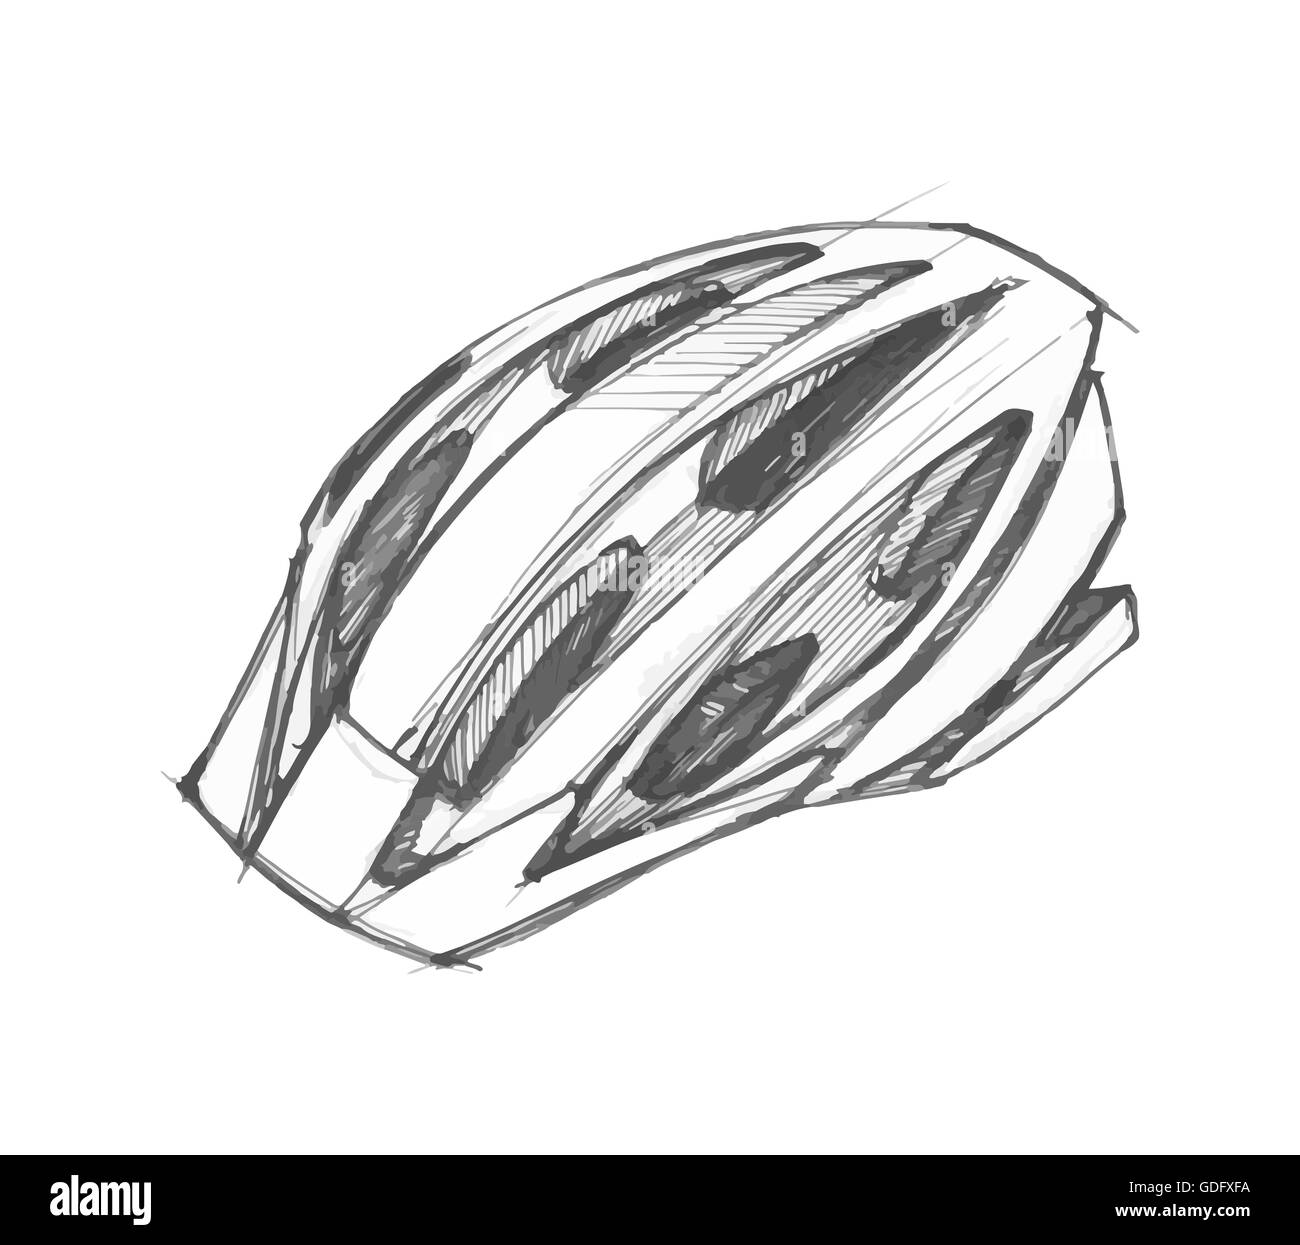 Vector illustration ou dessin d 39 un casque de cycliste - Dessin cycliste ...